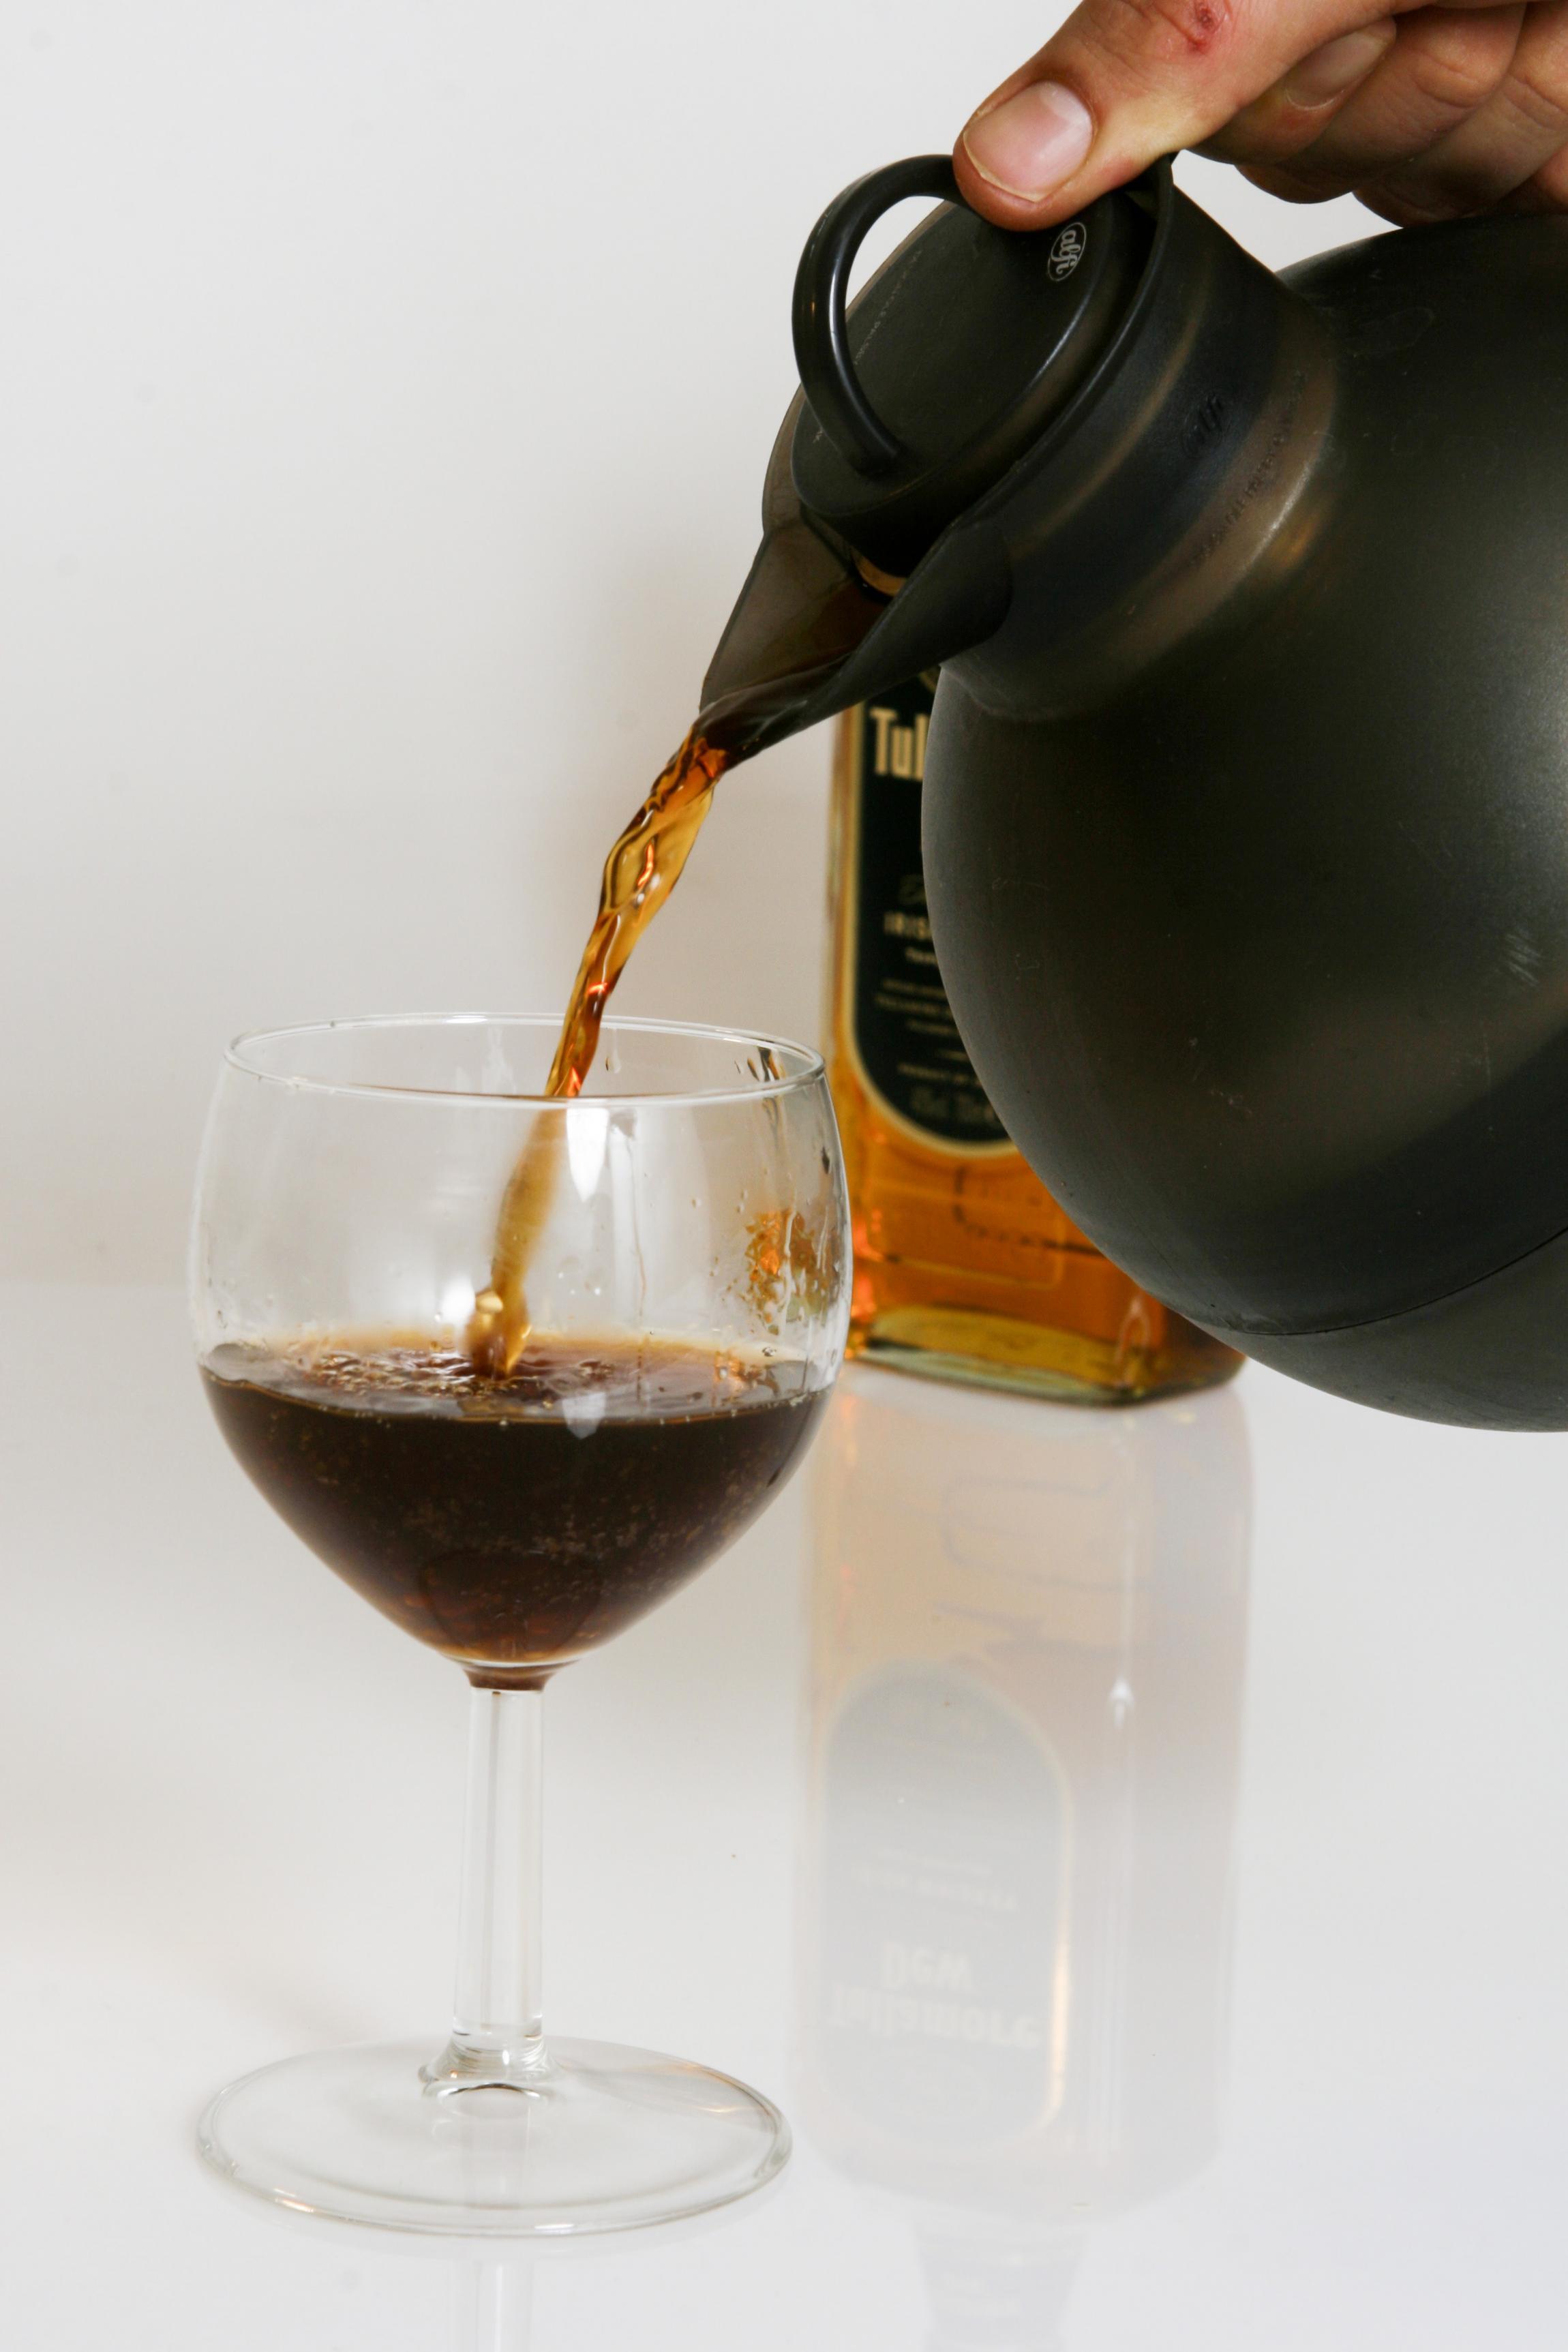 Usædvanlig Sådan laves irsk kaffe: Sugerør er en misforståelse | Samvirke MZ07